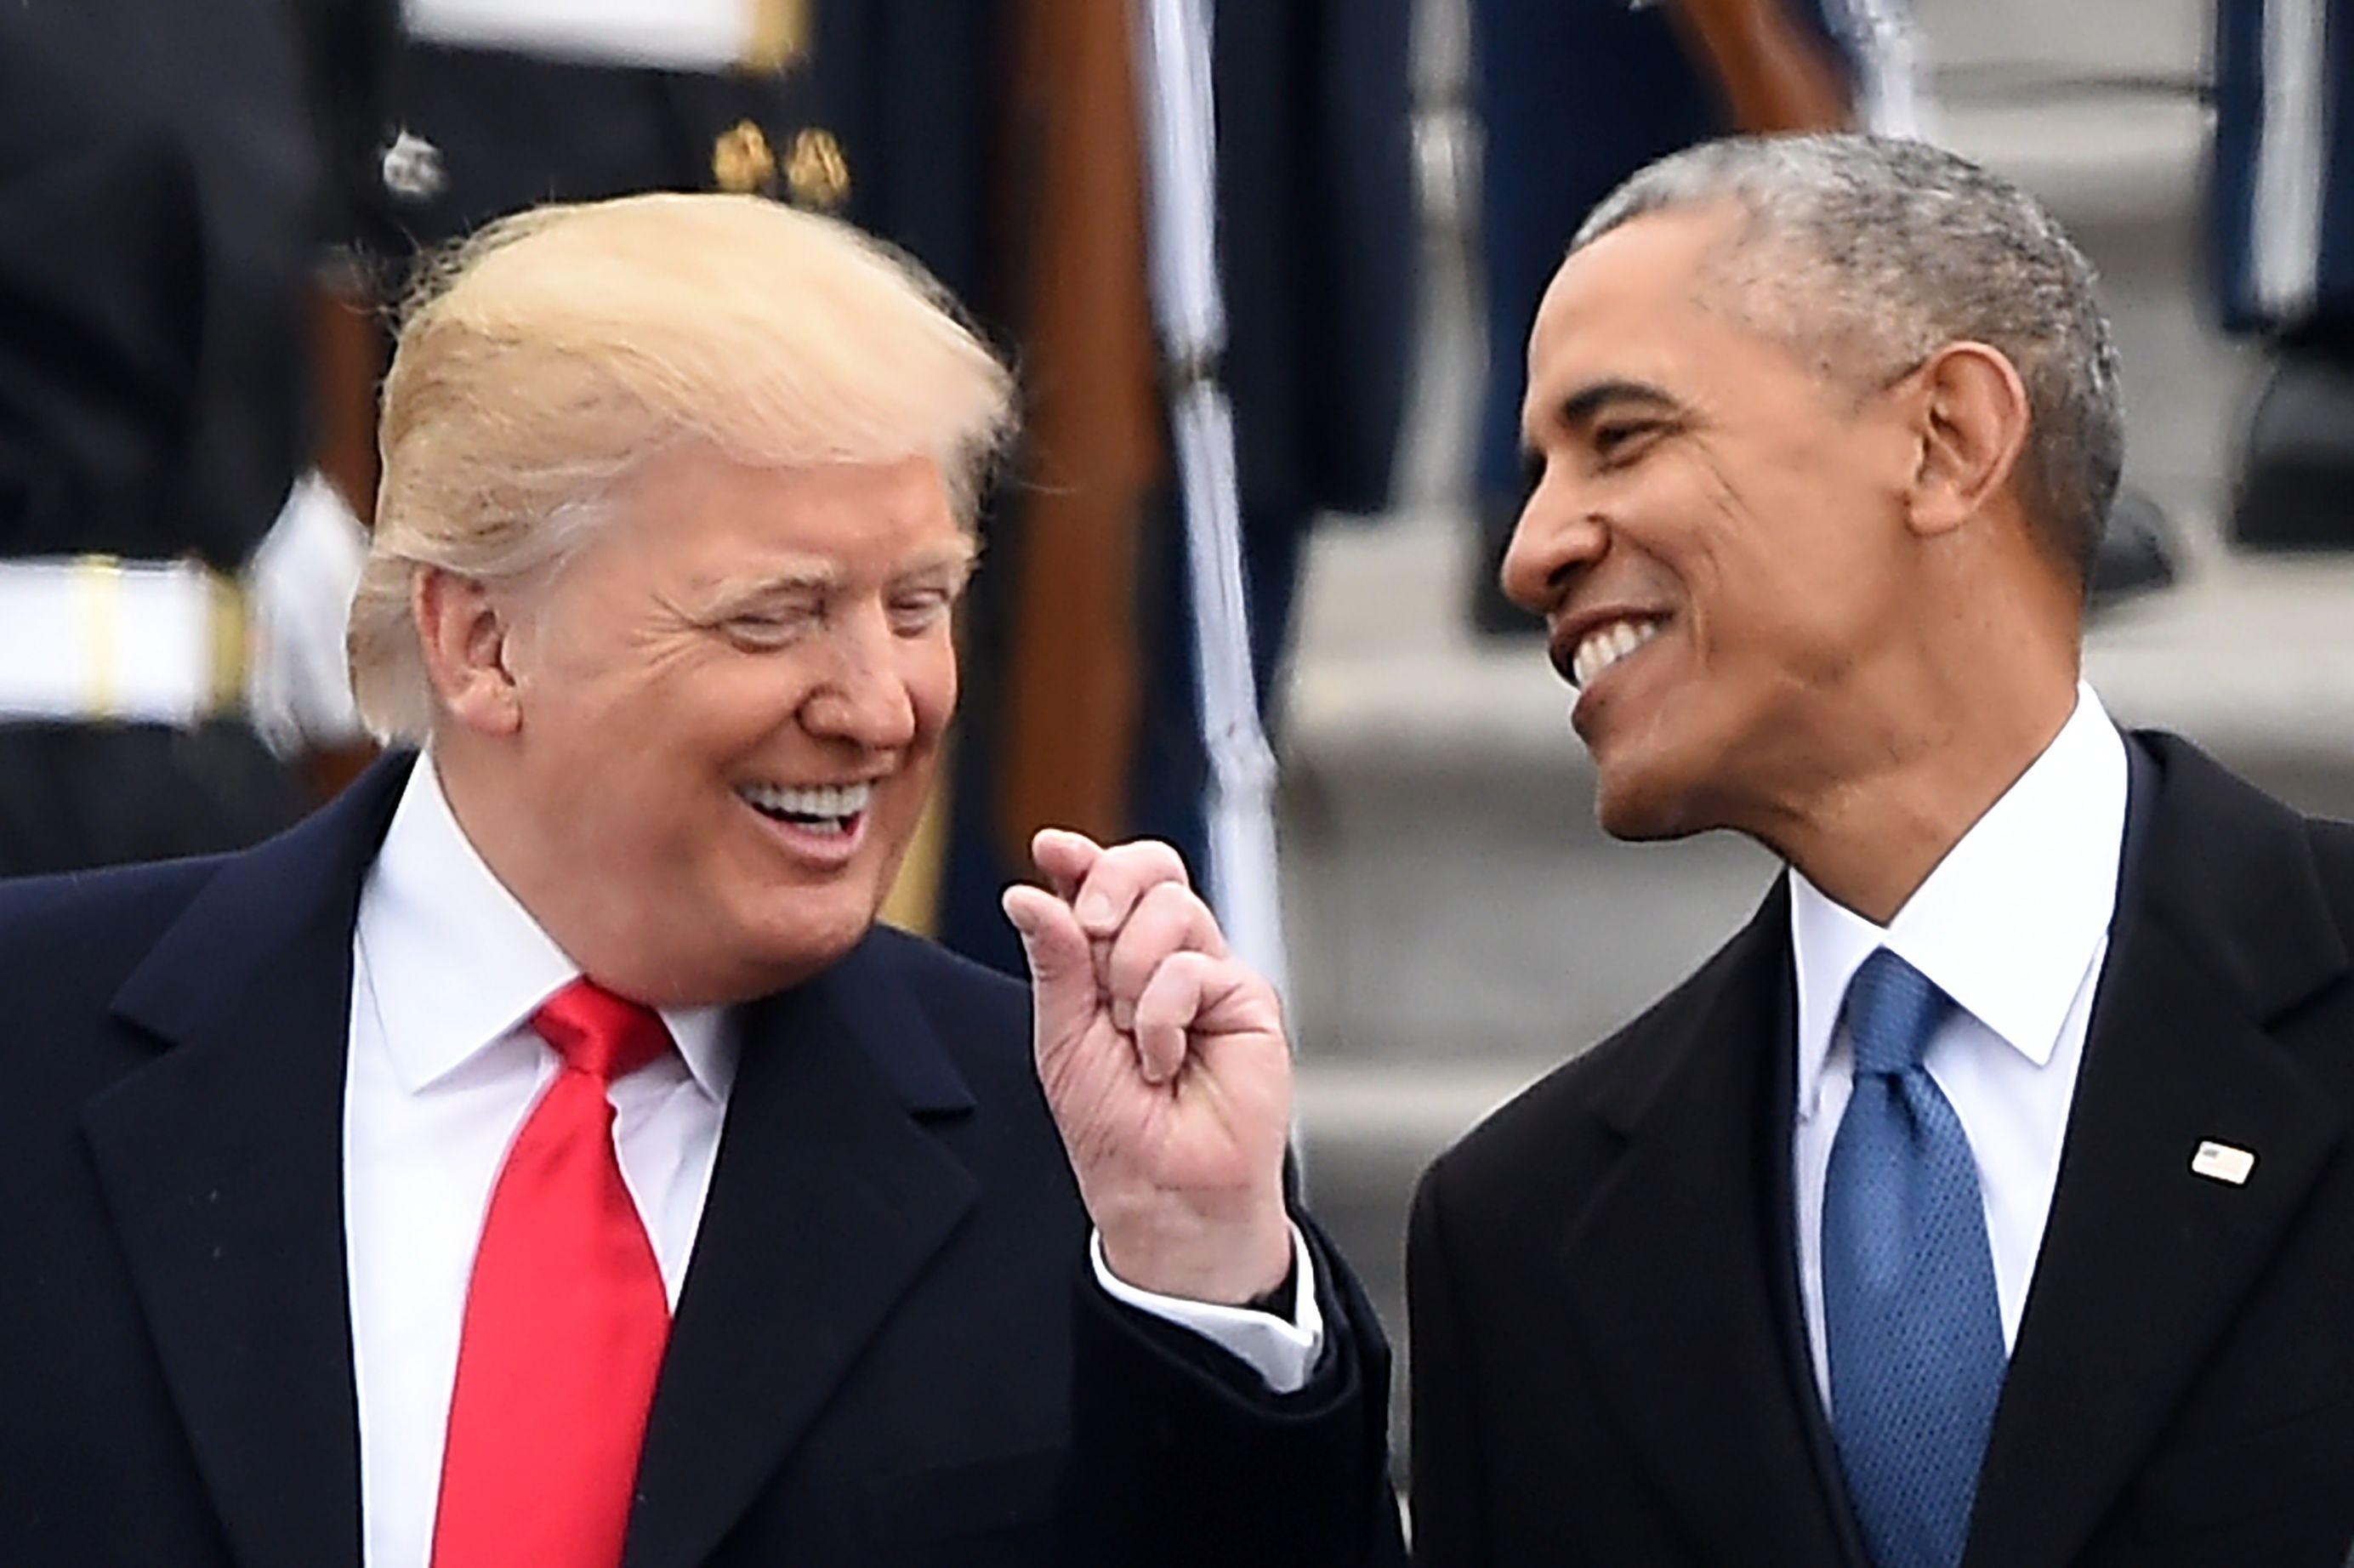 ترامب: الأموال التي قدمها أوباما للنظام الإيراني ذهبت للإرهاب ولجيوب قادة النظام في طهران